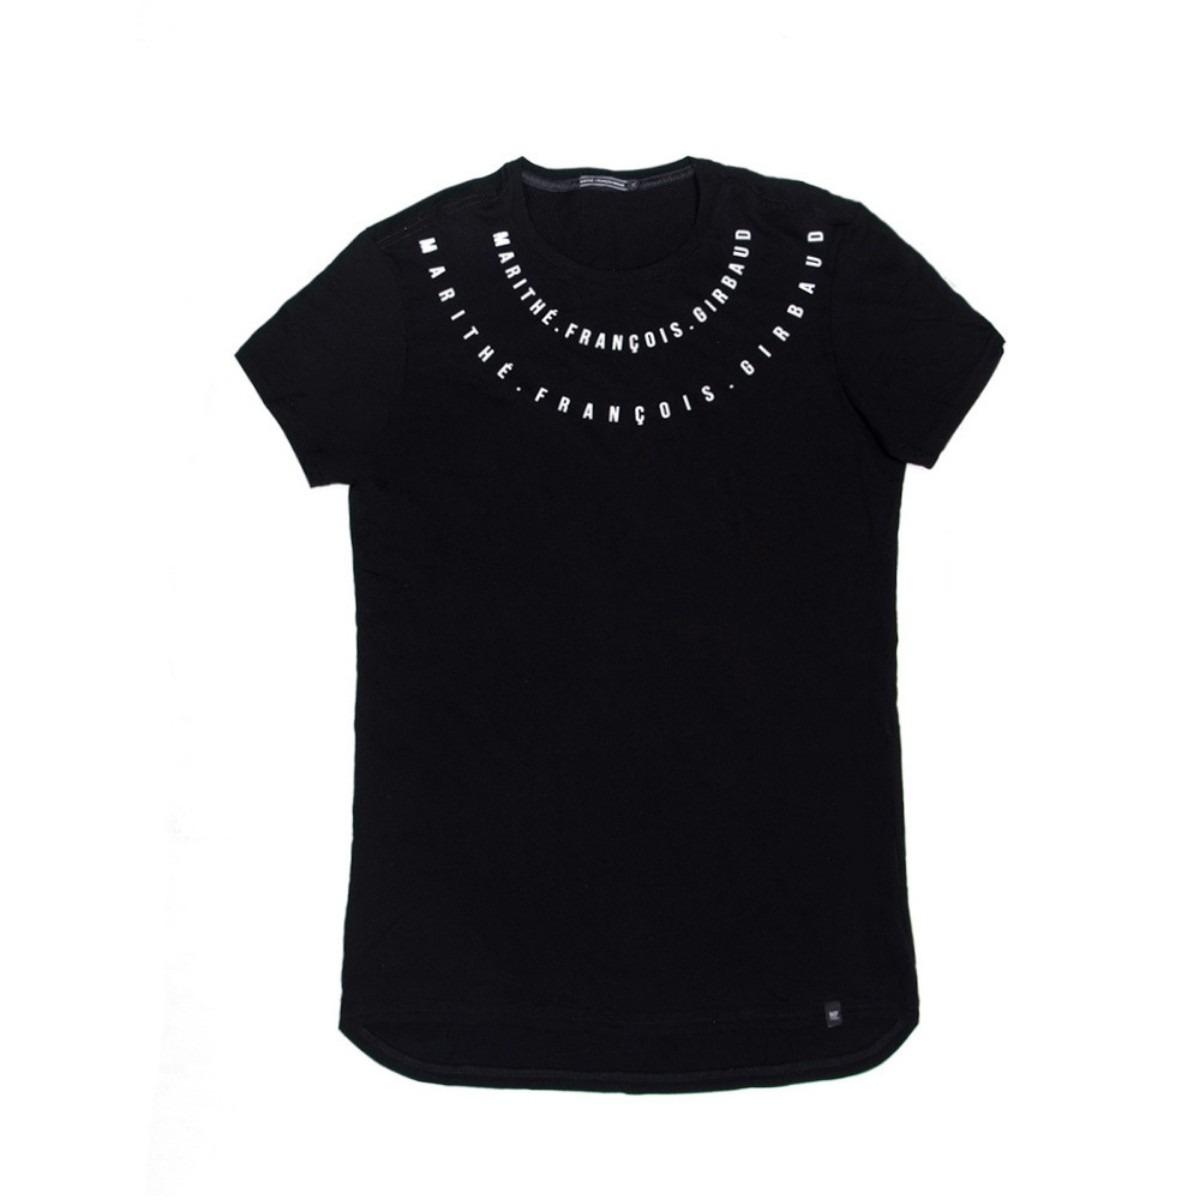 e9d3940fe6 Camiseta De Marithe + Francois Girbaud Para Hombre - U S 39